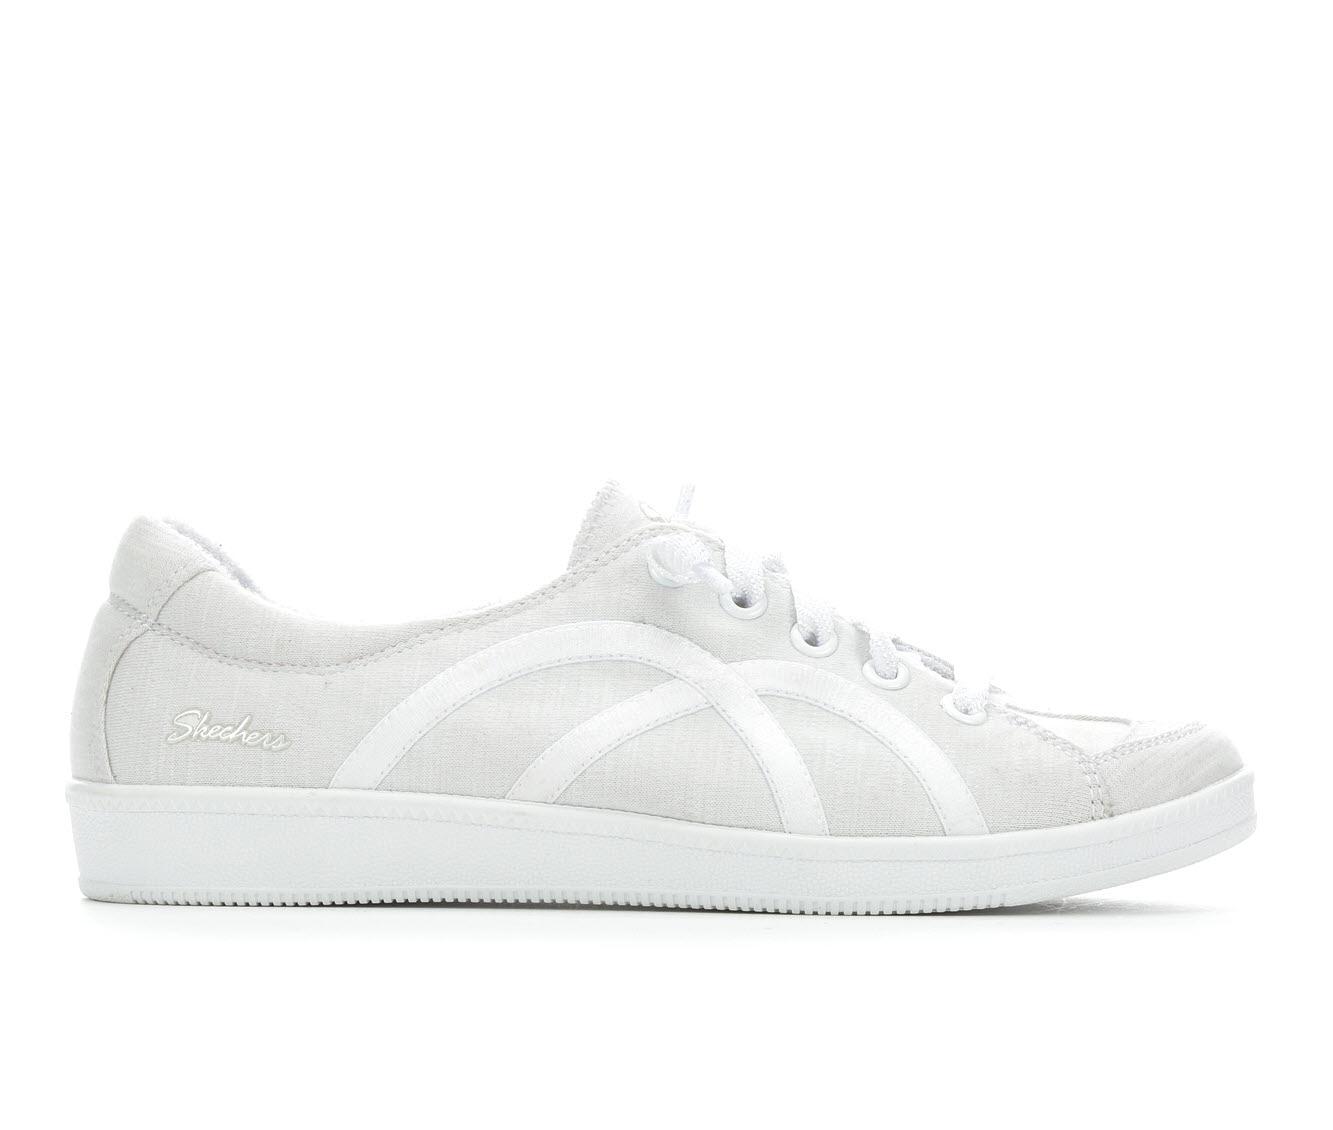 Skechers Take A Walk 23958 Women's Shoe (White Canvas)